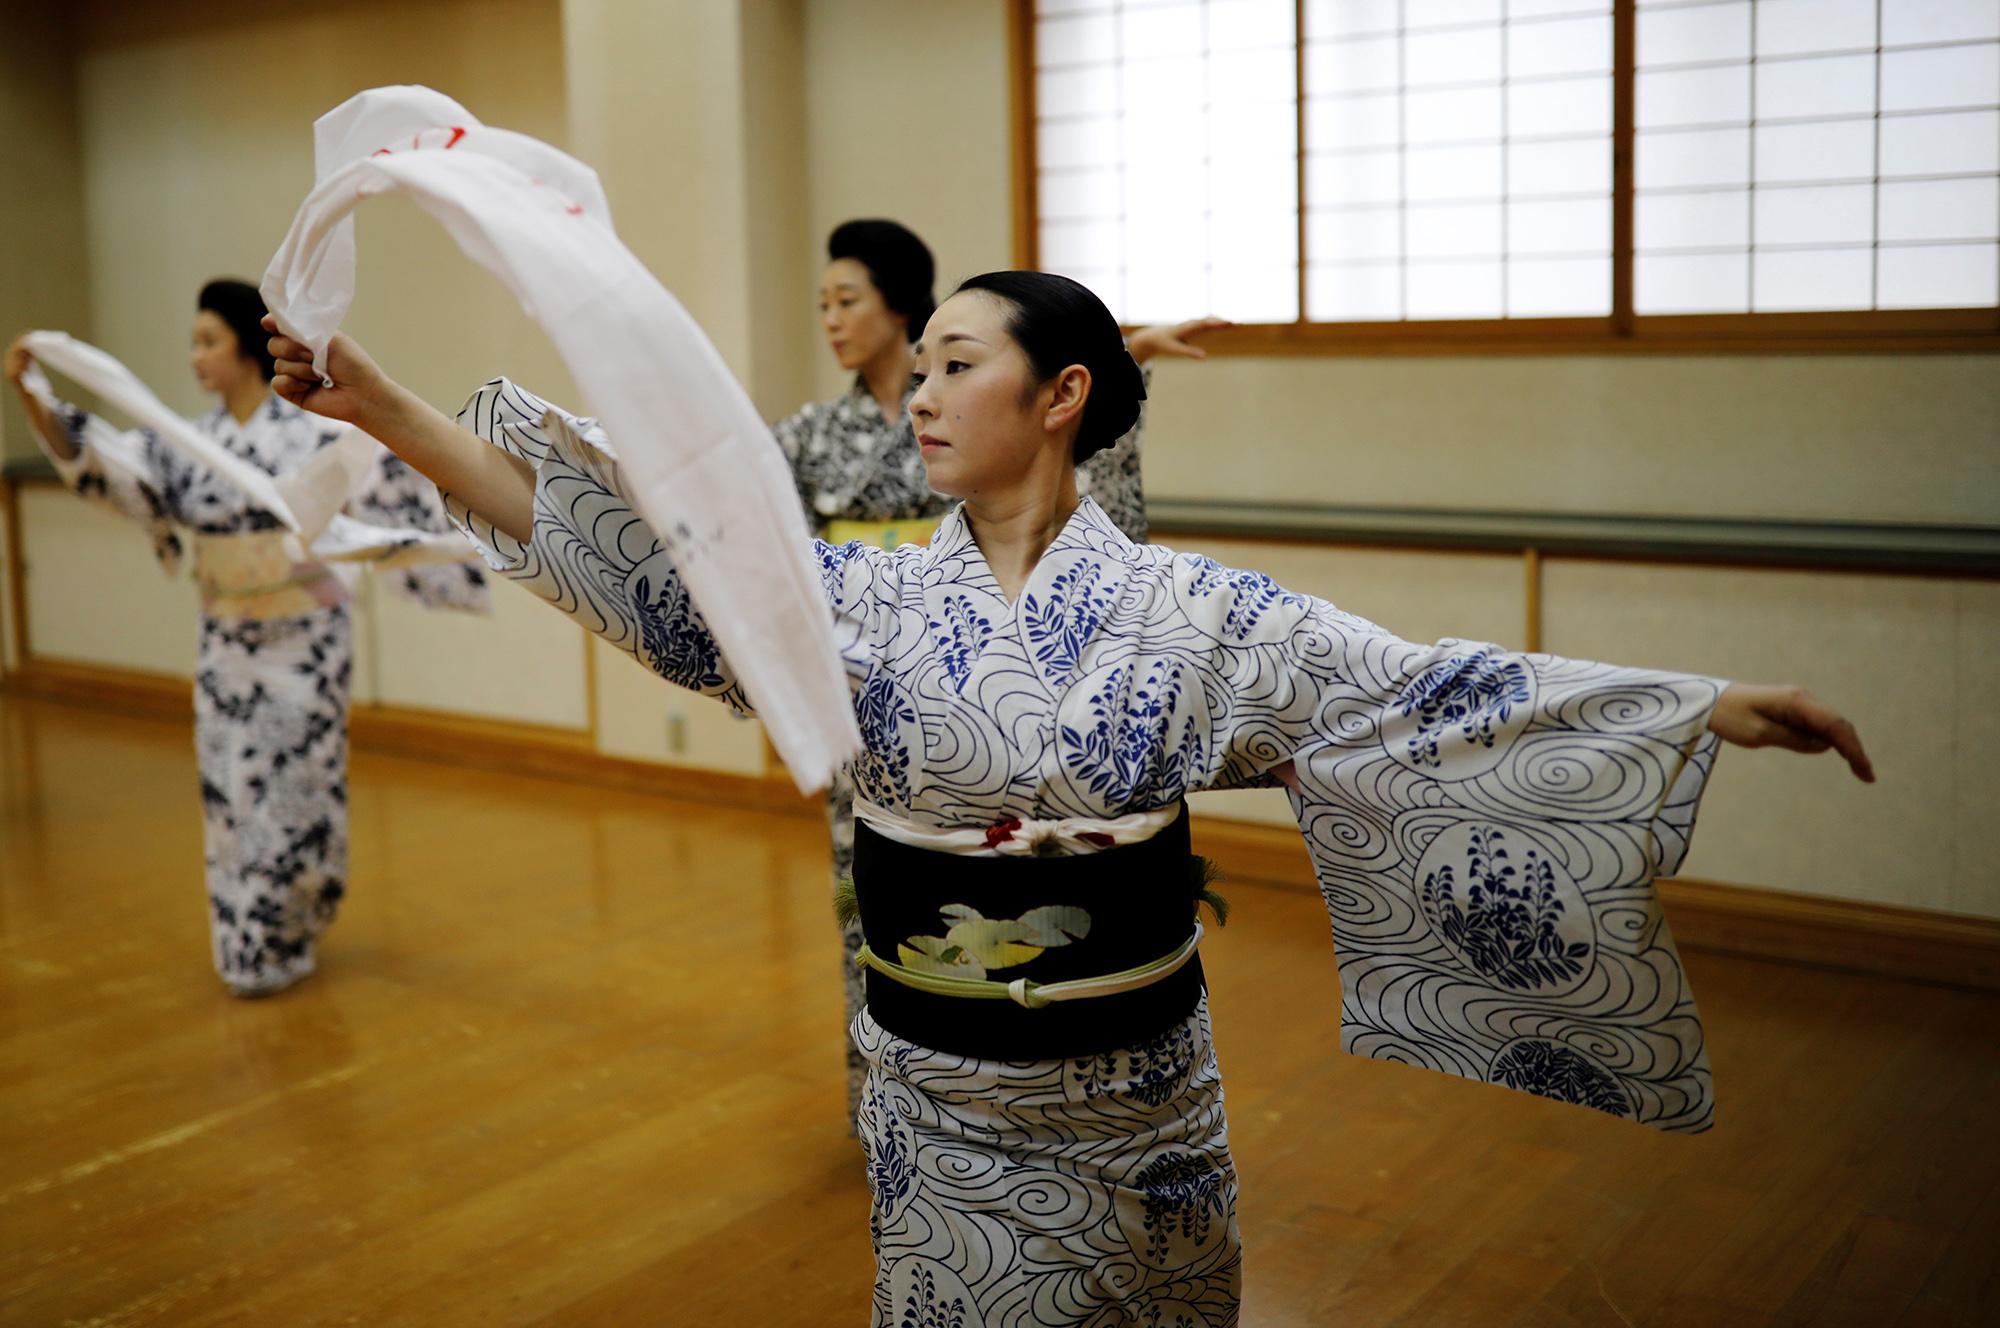 Гейши Маю, Маки иКоику репетируют традиционный танец гейш. «Мы все время так заняты. Мы так много тренируемся, что почти неспим, но это лучше, чем ничего неделать. Когда утебя слишком много времени, ты становишься ленивым».